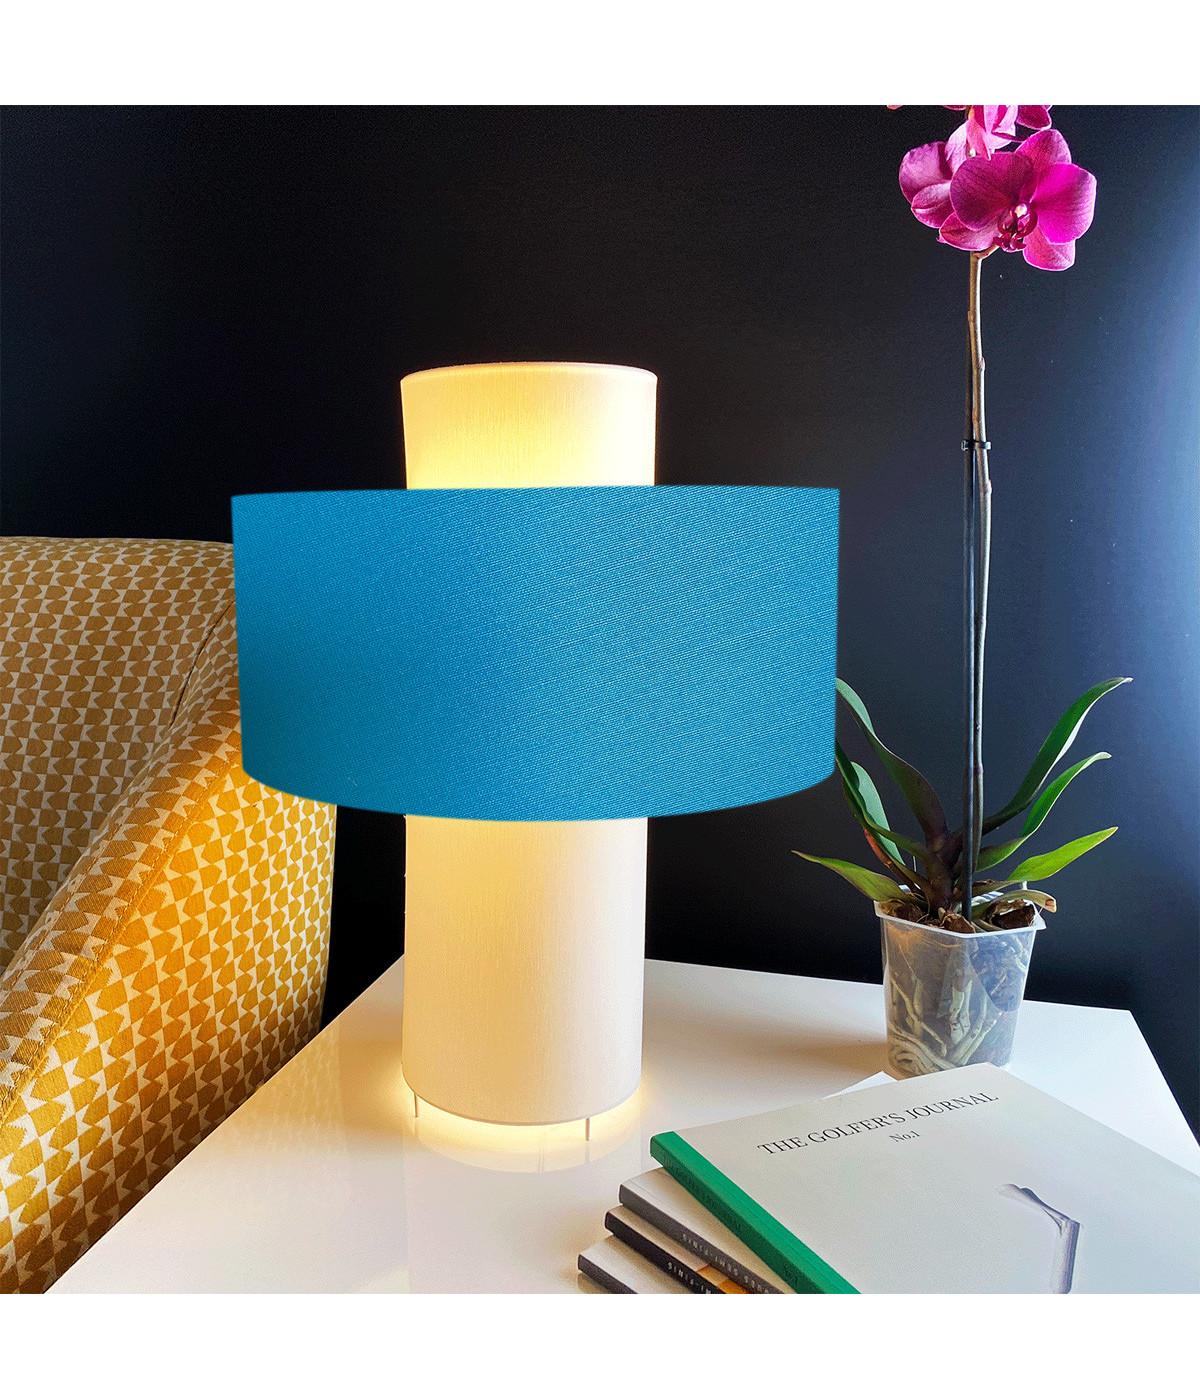 Lampe bleu turquoise D 35 cm